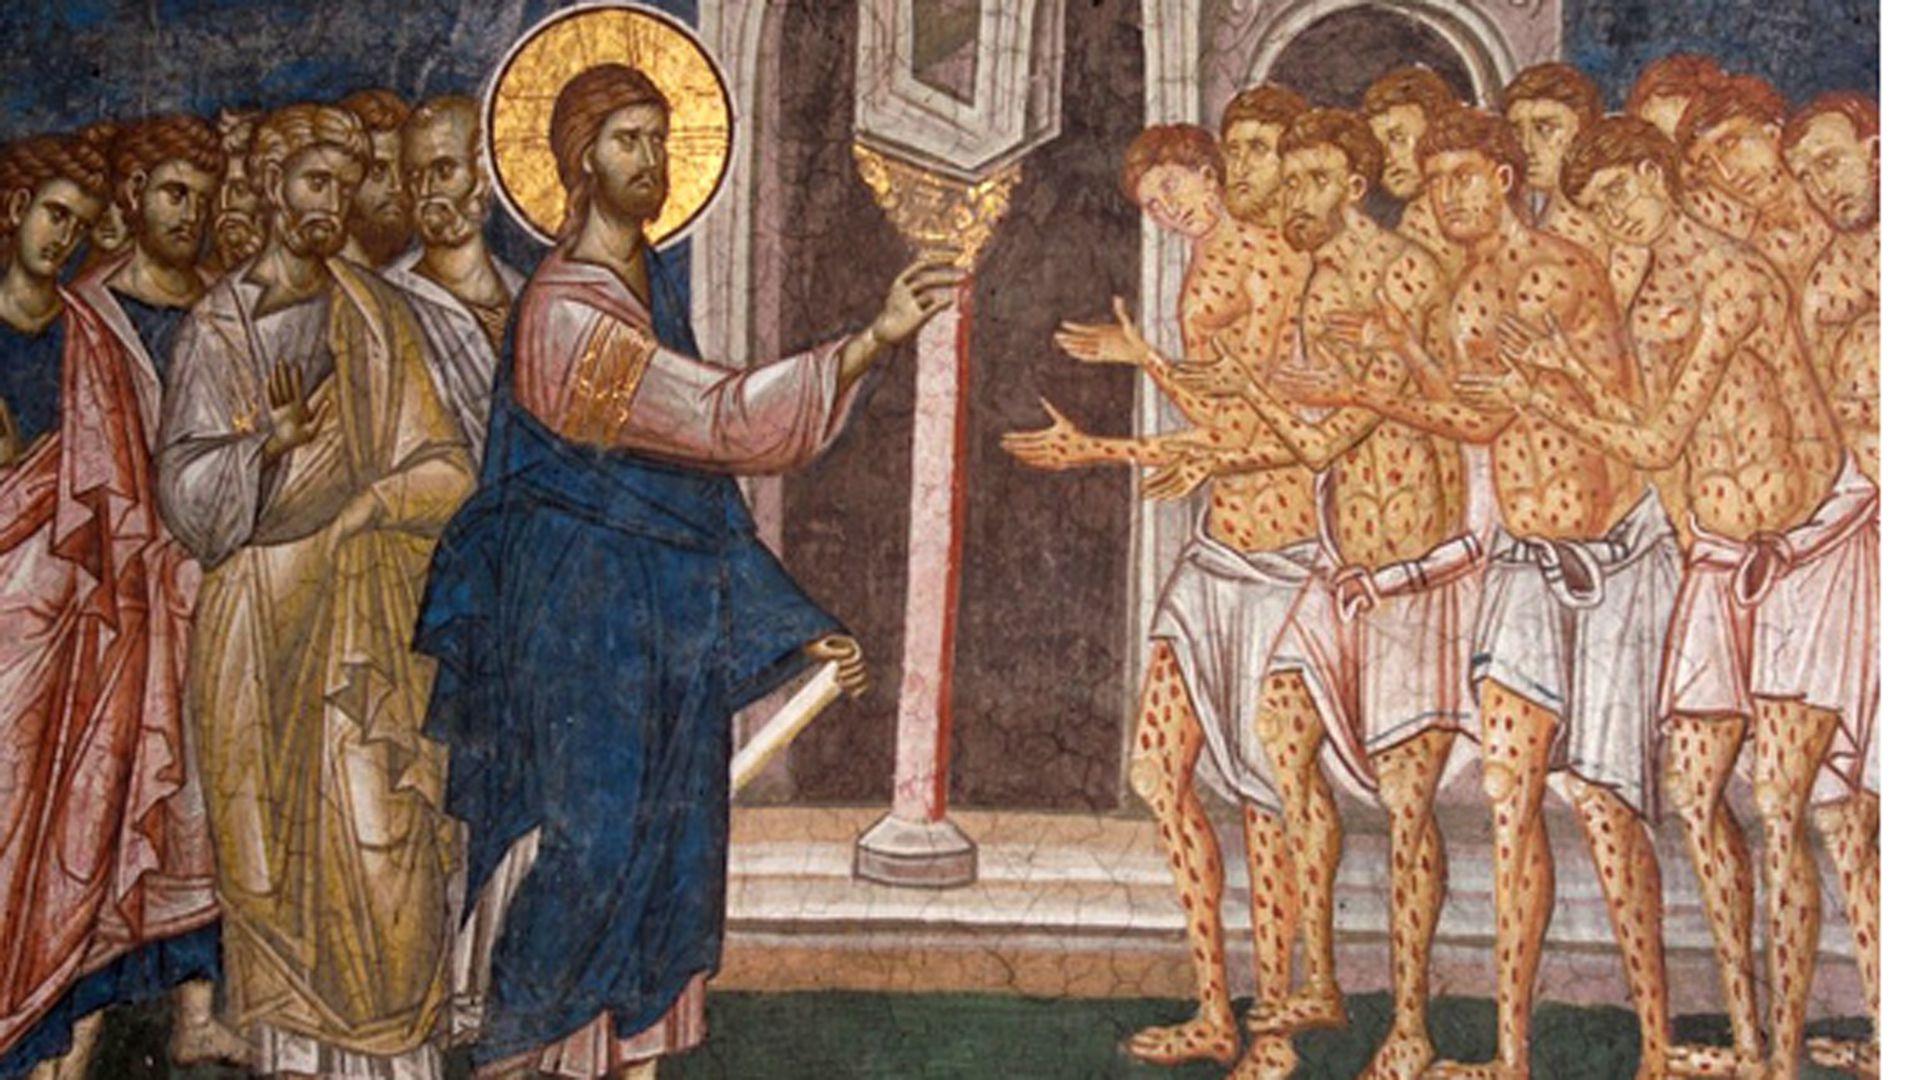 """La asociación es antigua: el libro bíblico de Levítico describe la lepra como una manifestación del pecado espiritual, llamando a las personas con la condición """"inmundas"""" y dirigiéndolas a vivir """"fuera del campamento"""""""